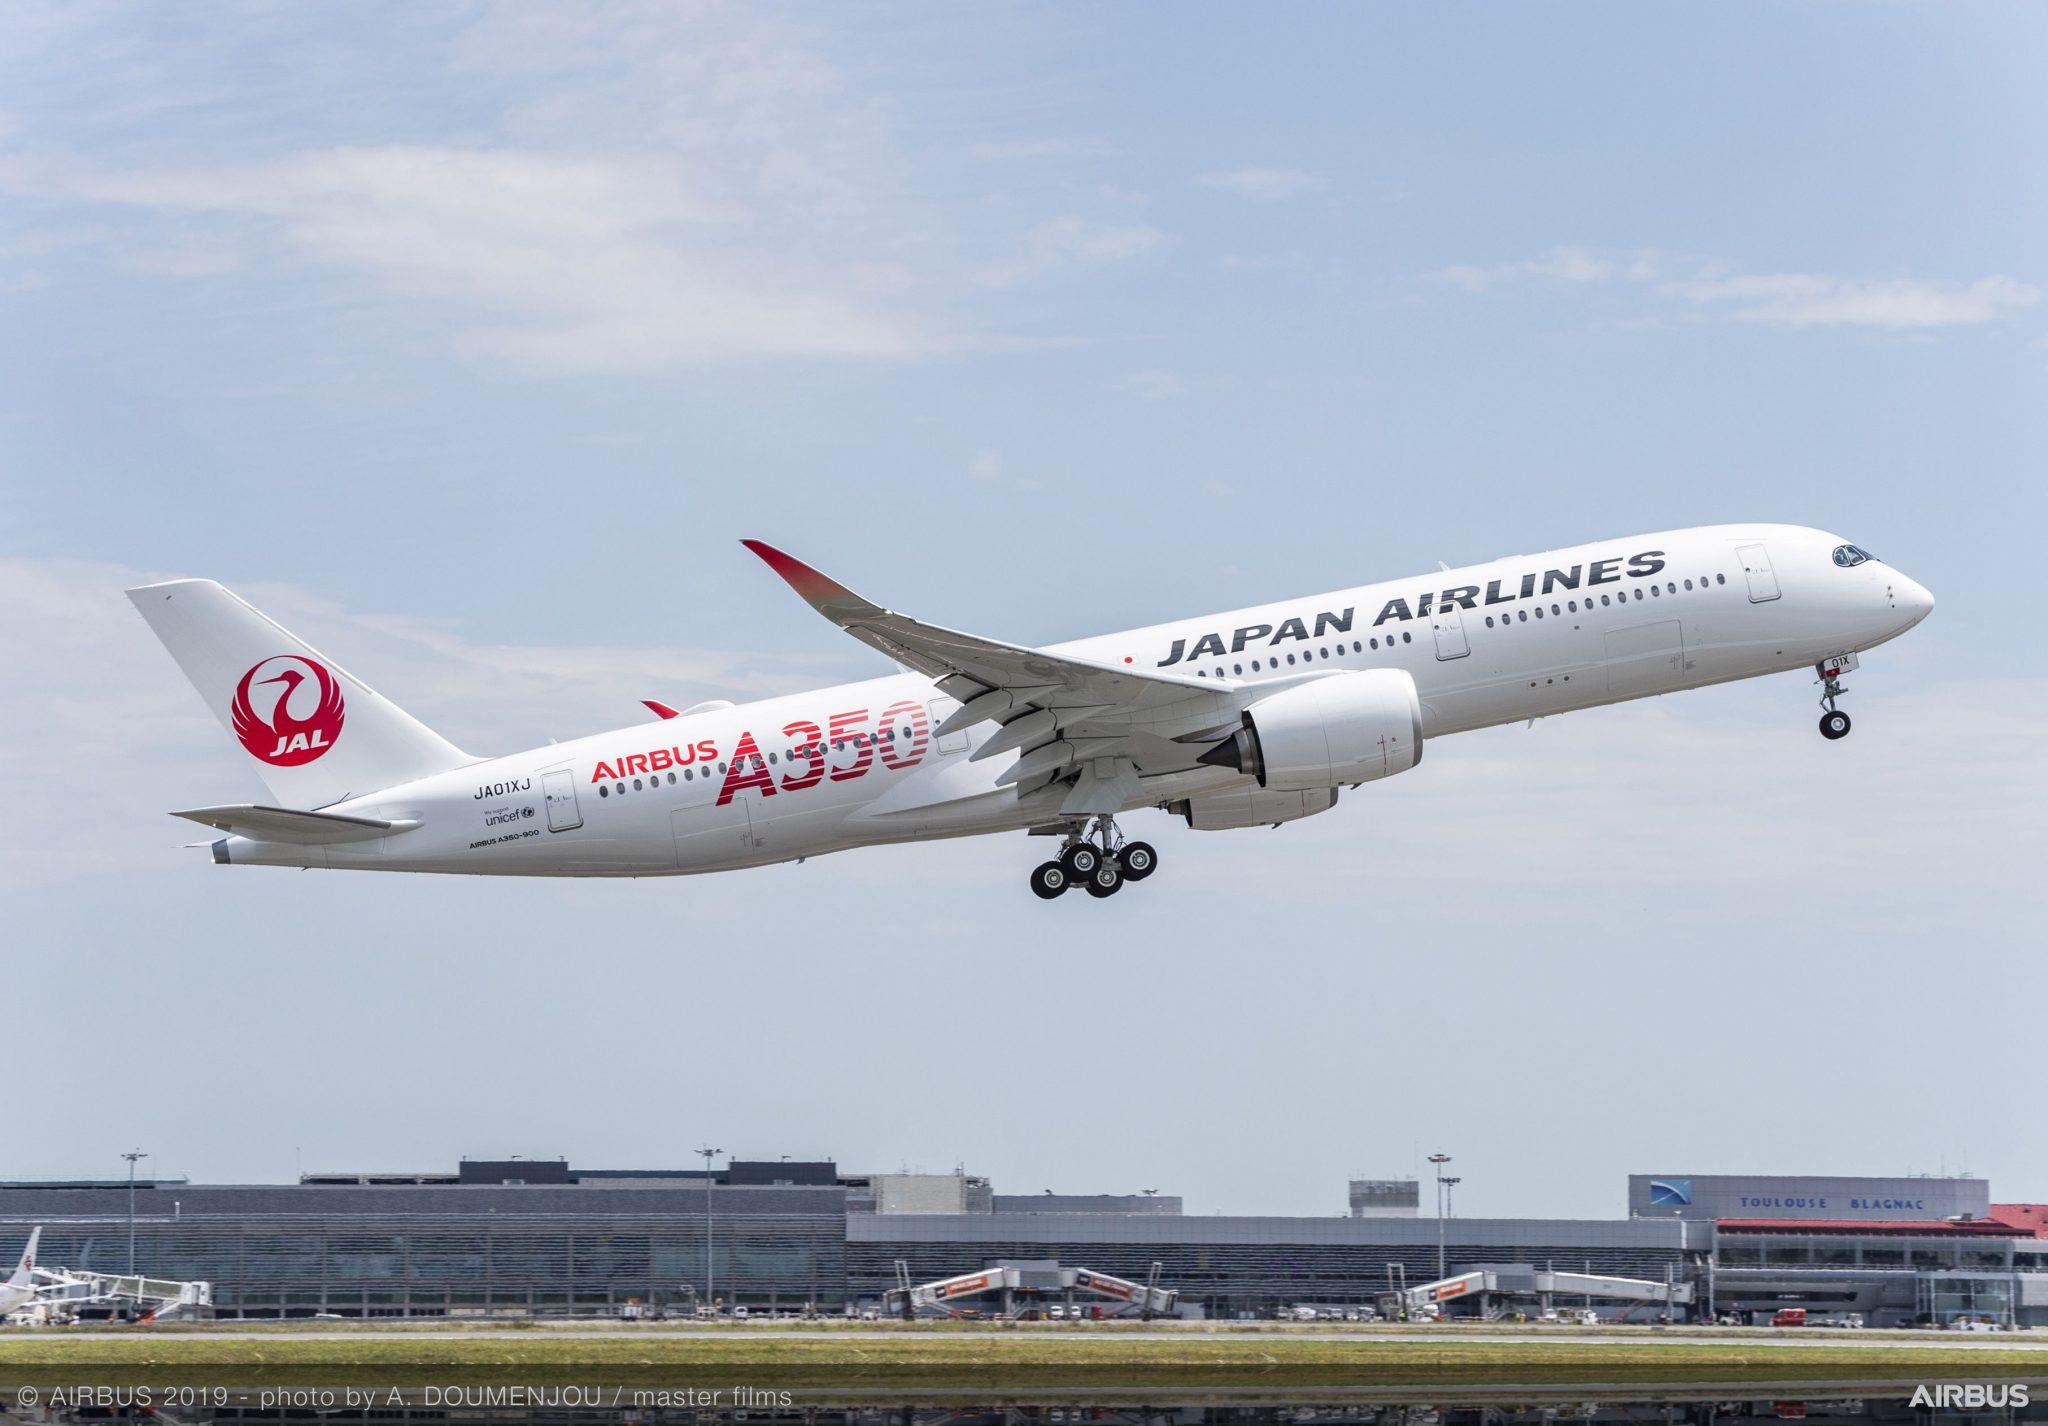 JAL estudia la producción y venta de combustible de aviación sostenible